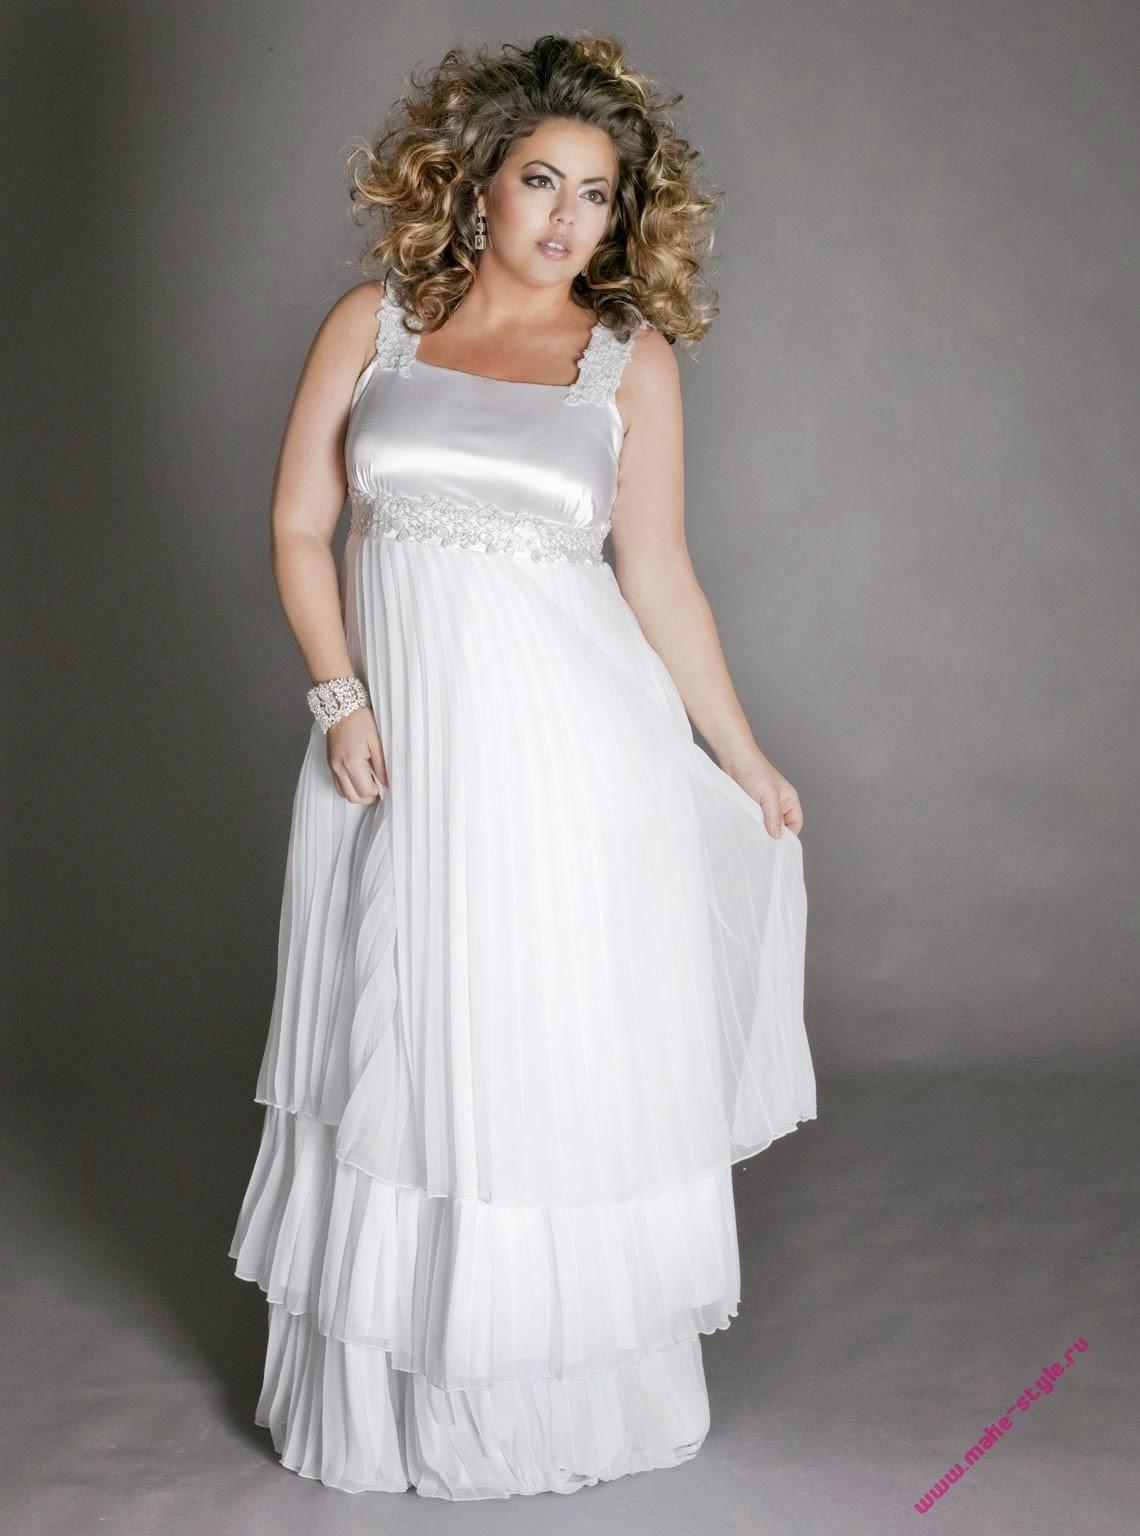 Vestidos de novias para personas gorditas